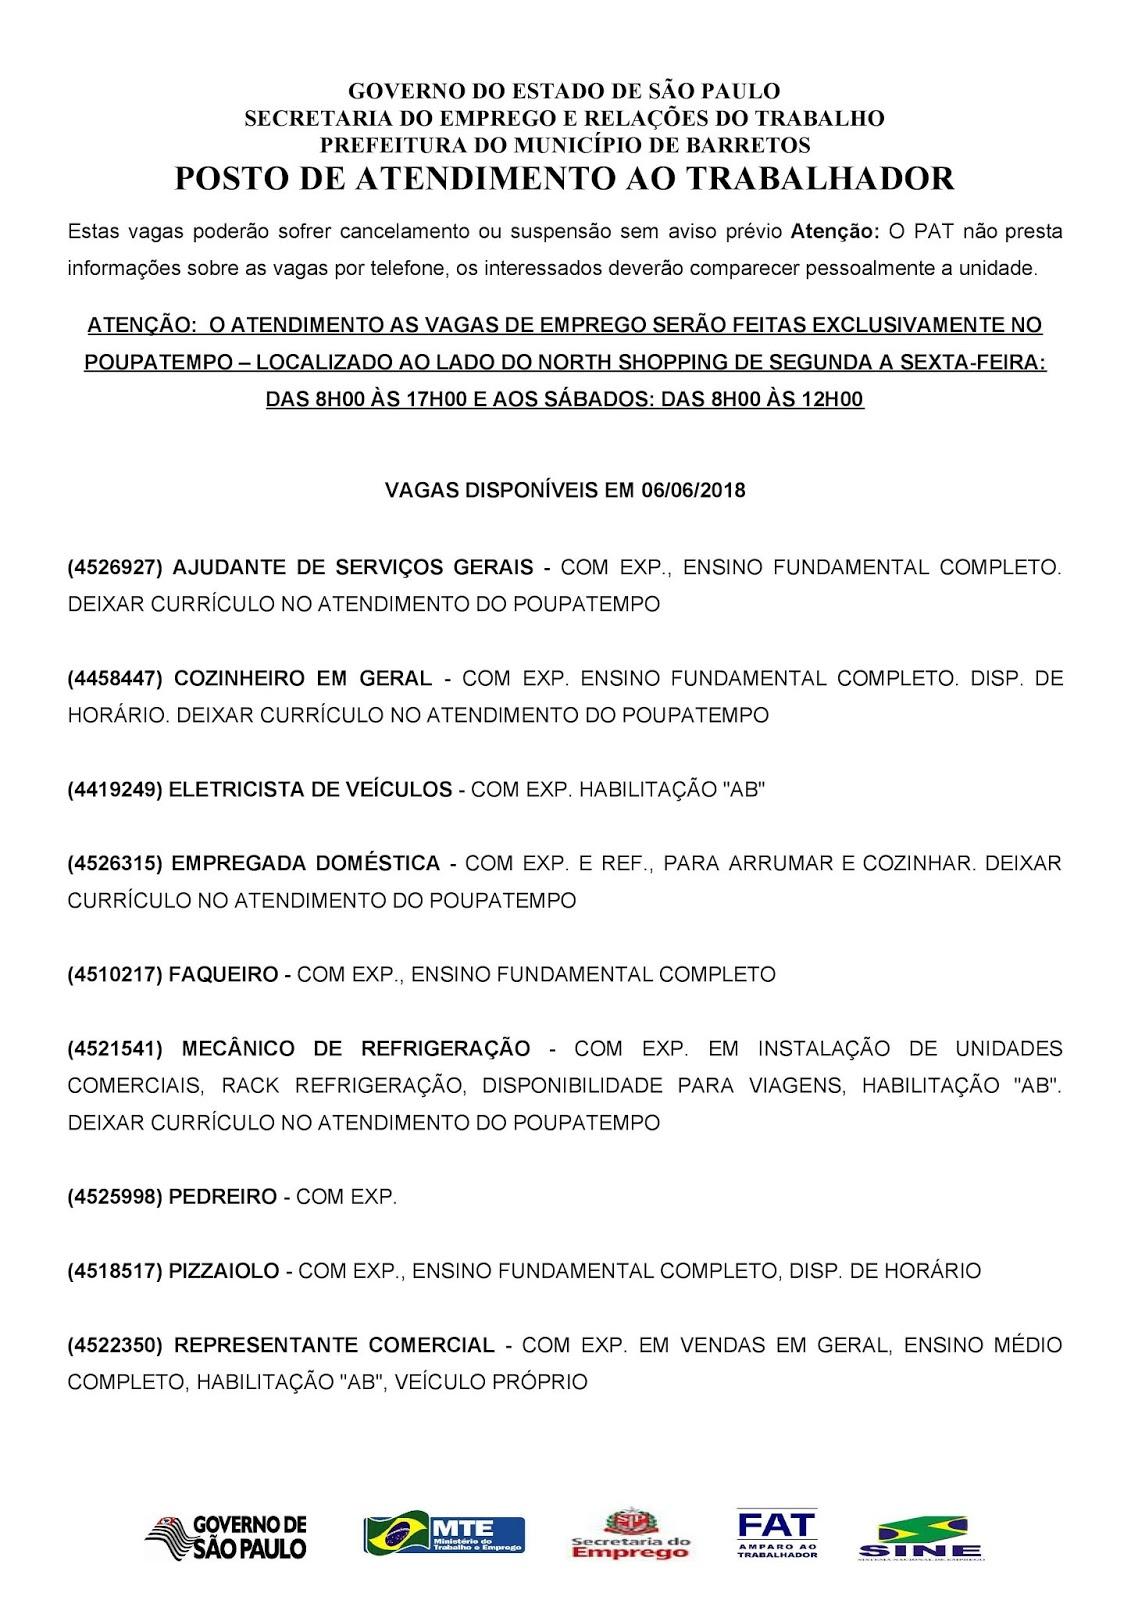 VAGAS DE EMPREGO DO PAT BARRETOS-SP PARA 06/06/2018 QUARTA-FEIRA - Pag.1